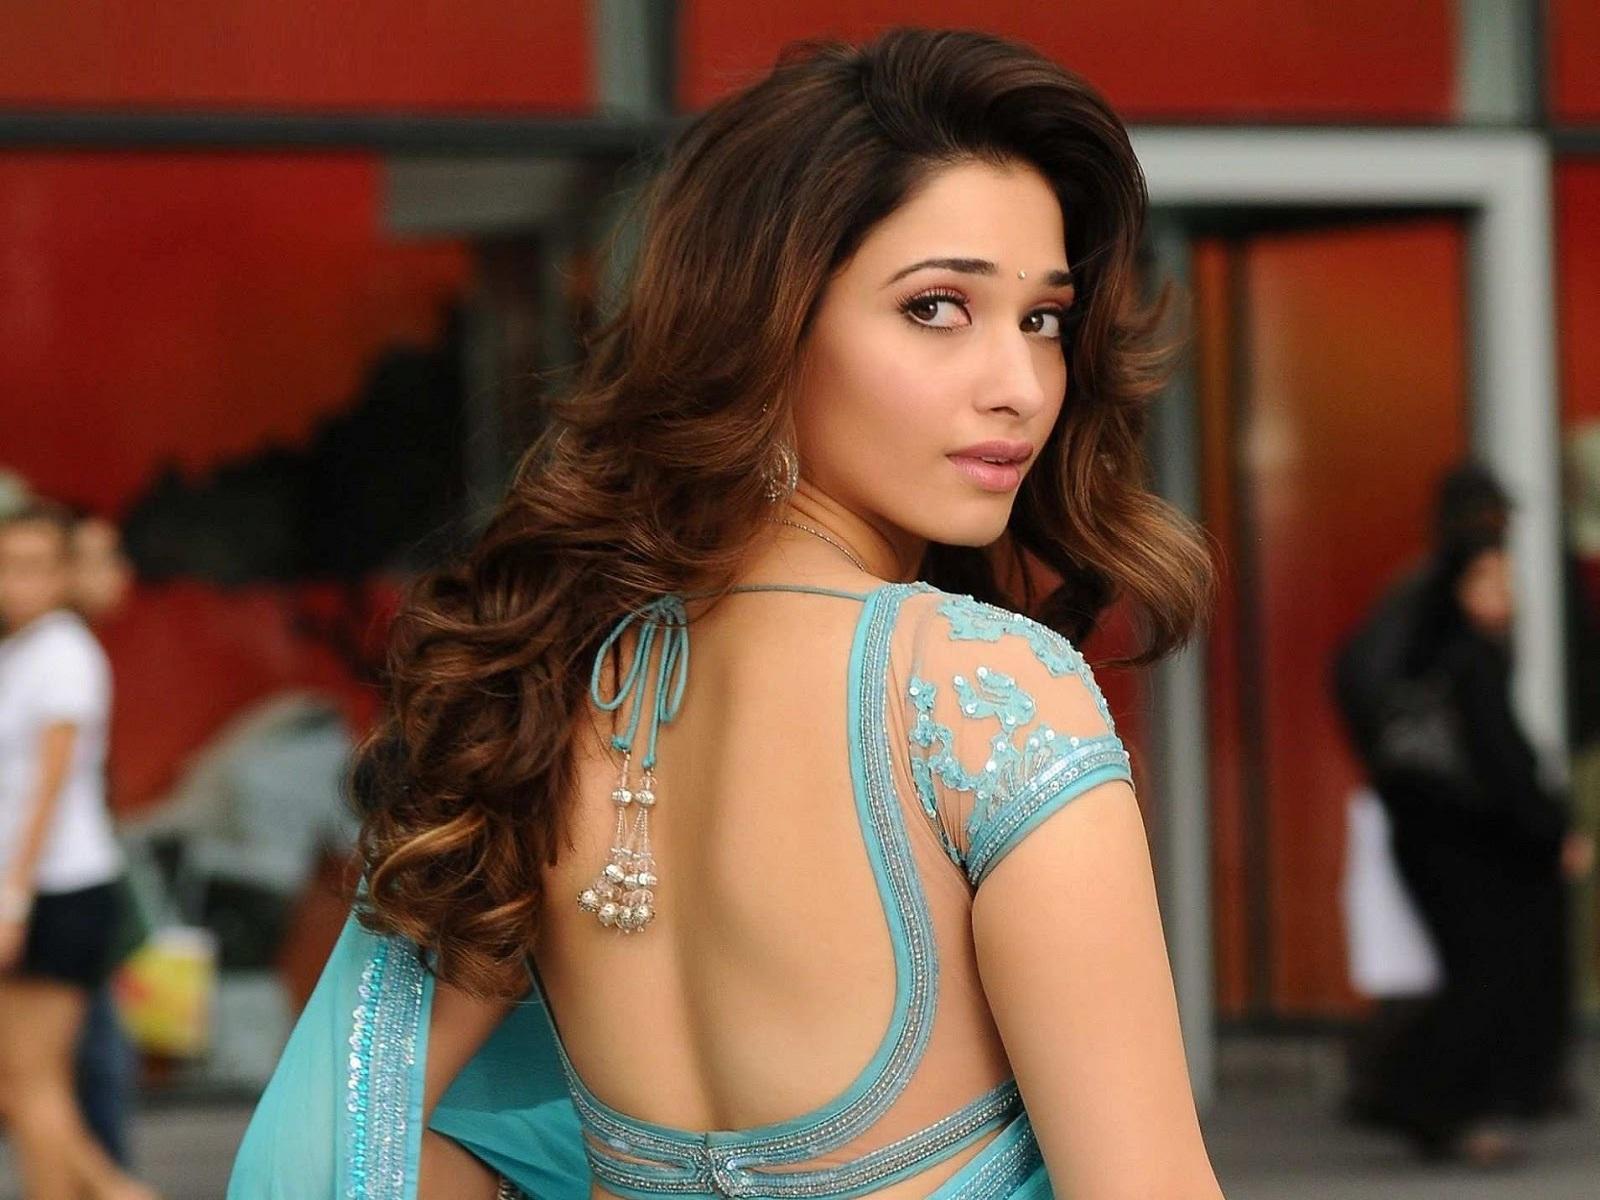 Tamanna Bhatia Hd: HD Photos 1080p For Desktop Backgrounds: Latest Tamanna